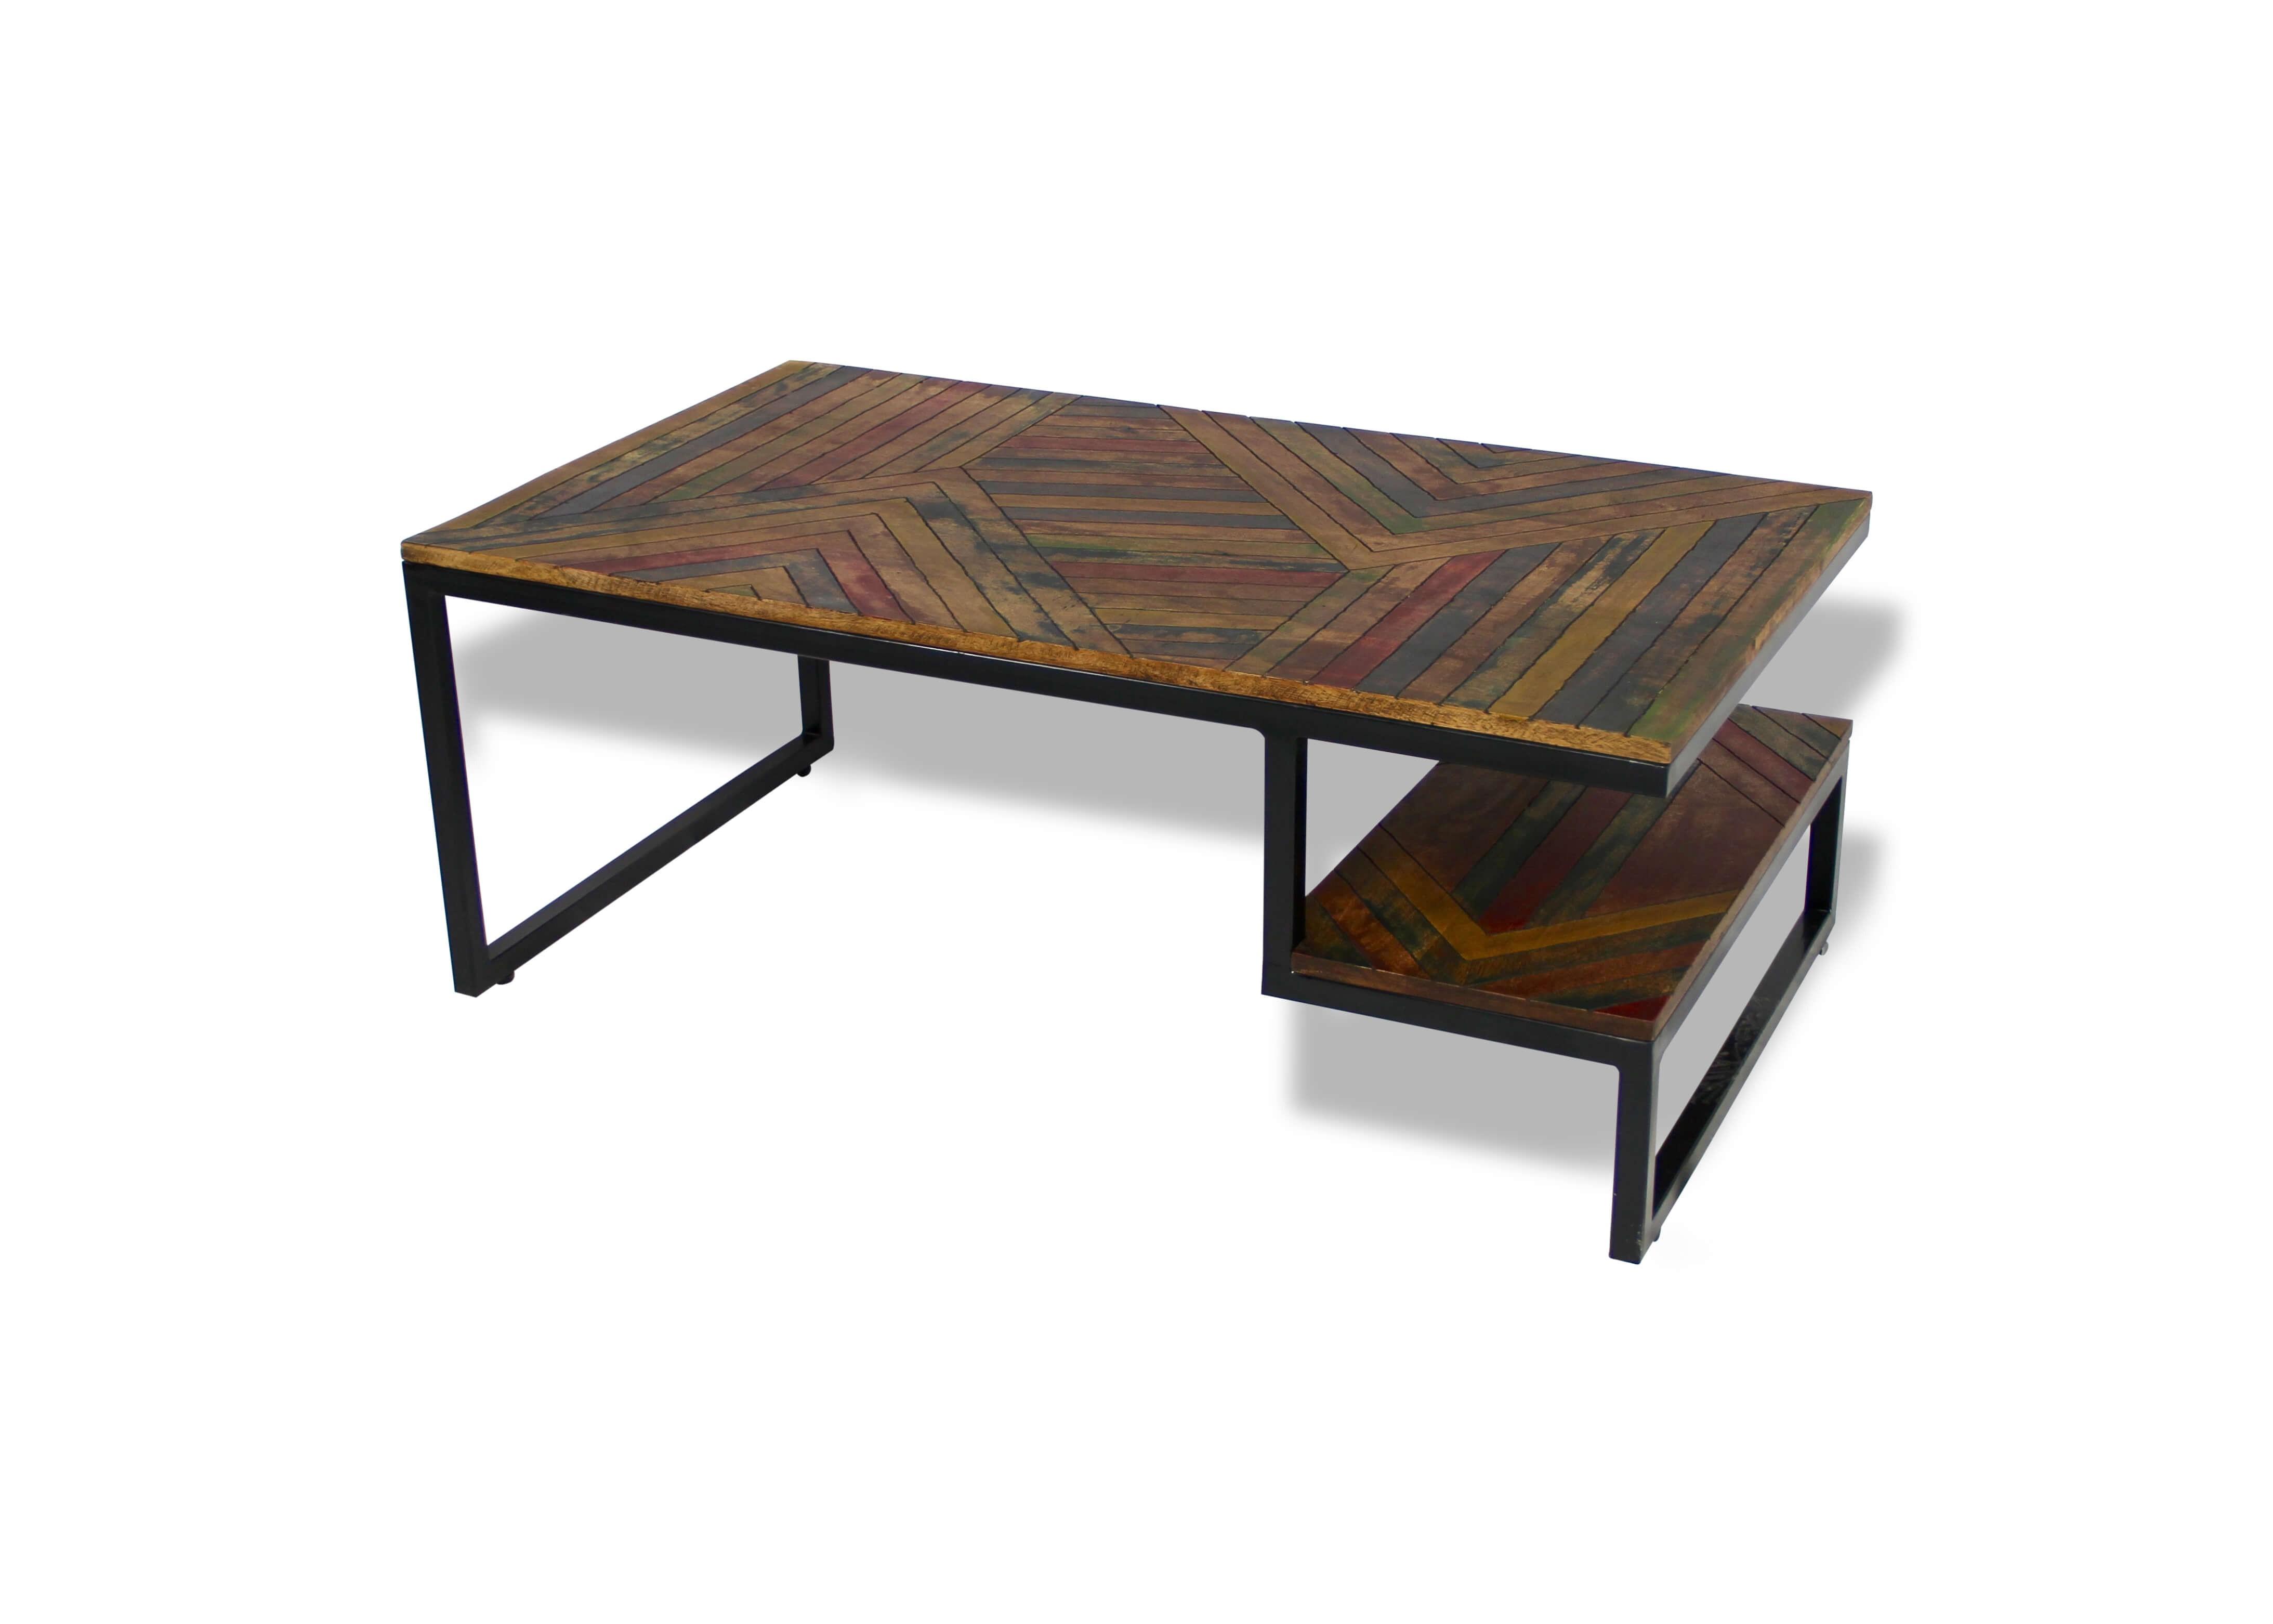 couchtisch zwei tabletts aus recyceltem farbigem holz und. Black Bedroom Furniture Sets. Home Design Ideas